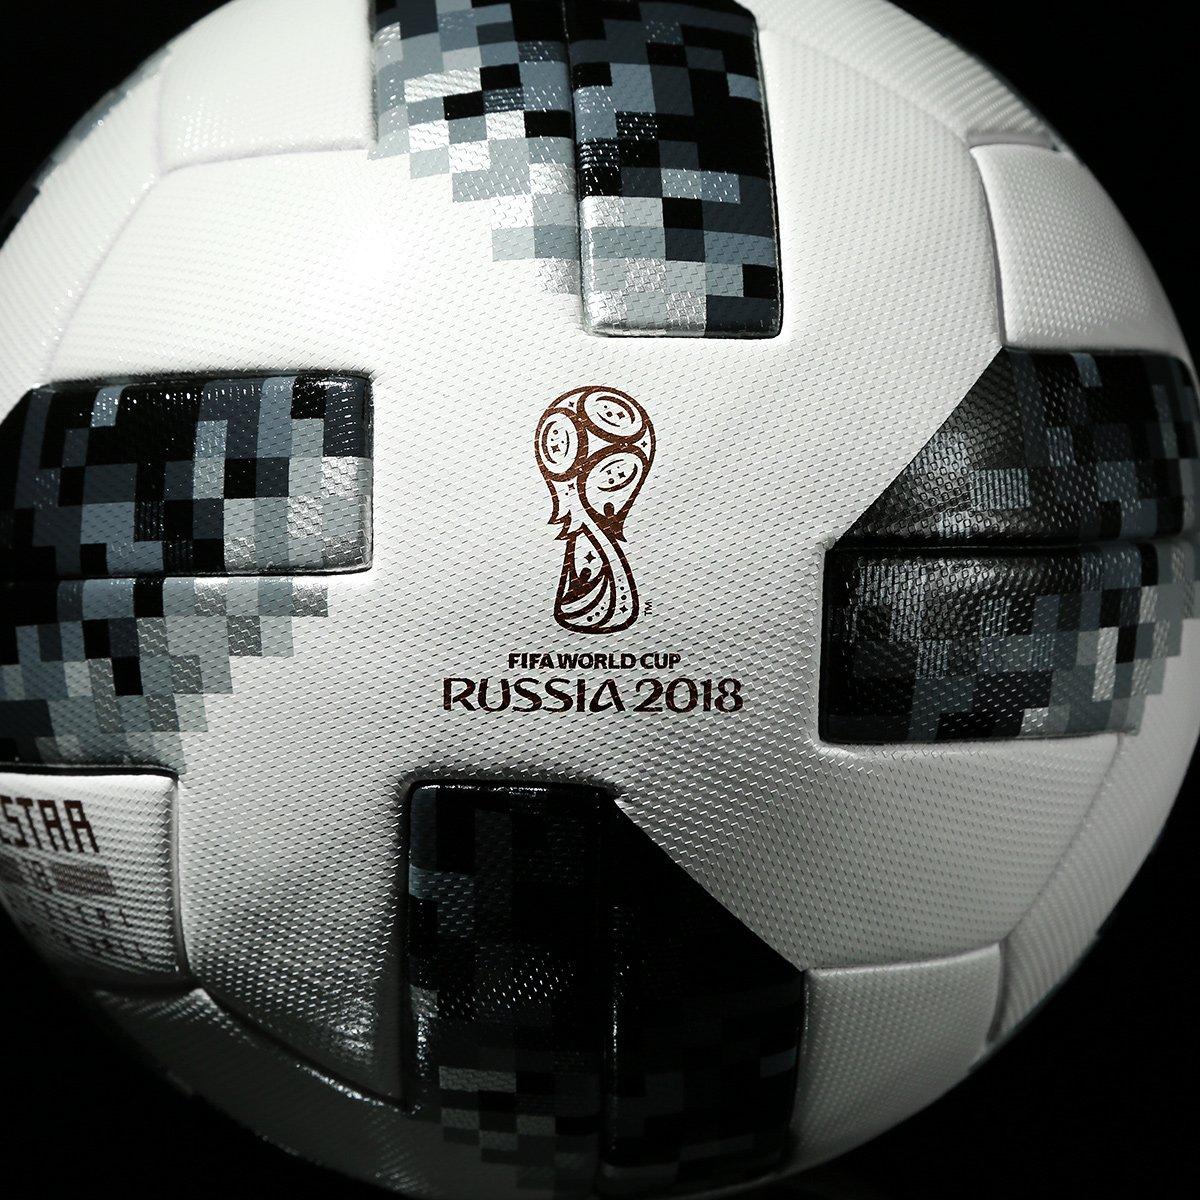 9e57c320ee7cd Bola Futebol Campo Adidas Telstar 18 OMB Copa do Mundo FIFA